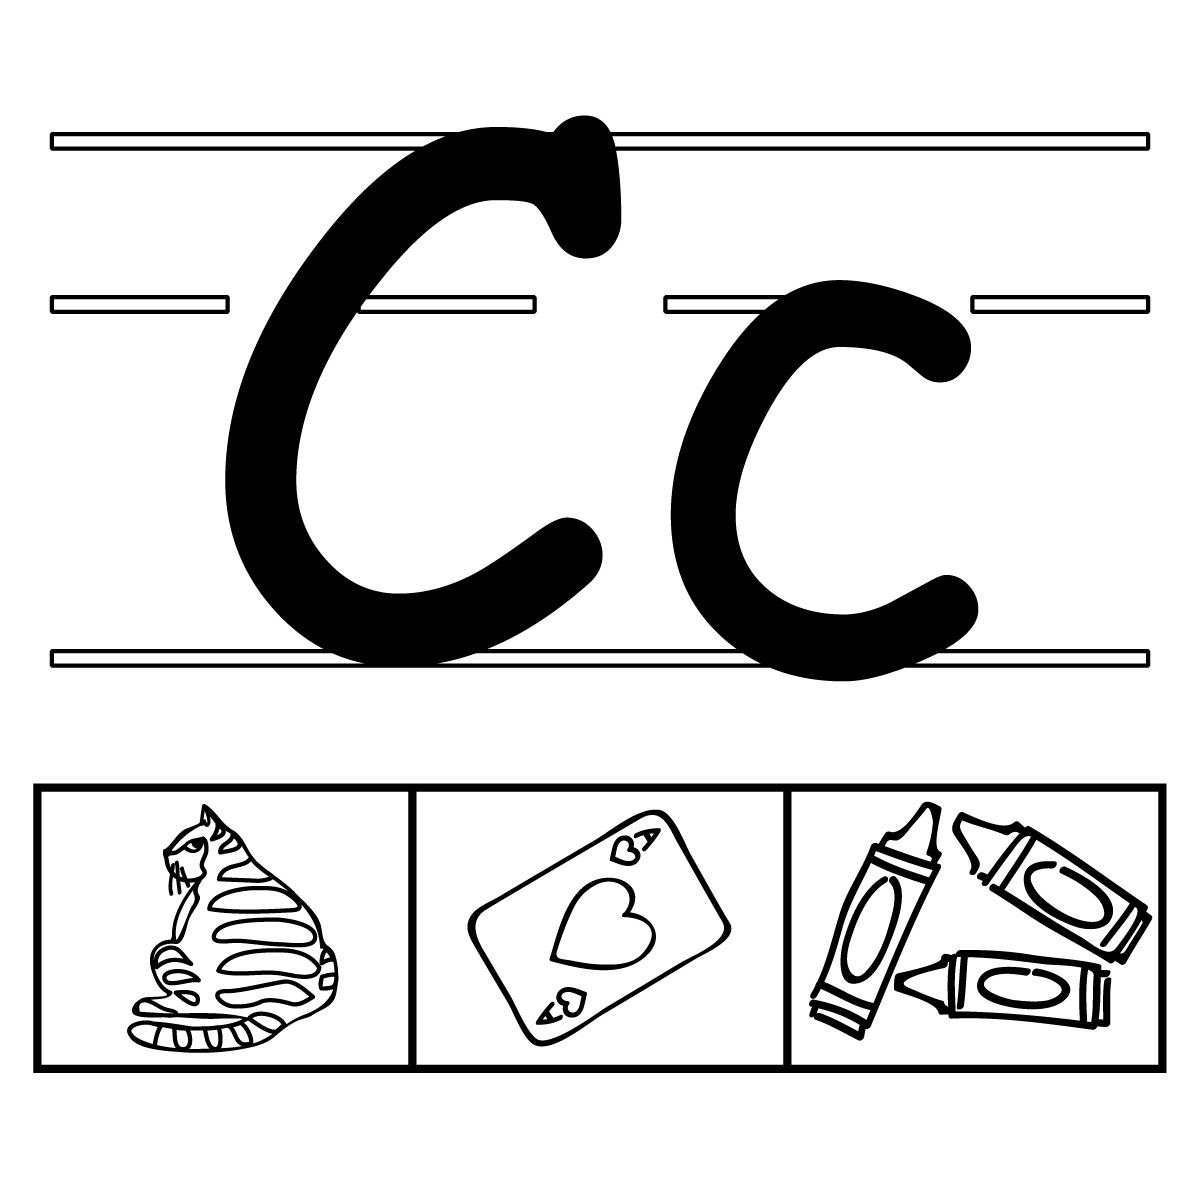 Alphabet letters clip art c graphic transparent stock Alphabet letters clip art c - ClipartFest graphic transparent stock